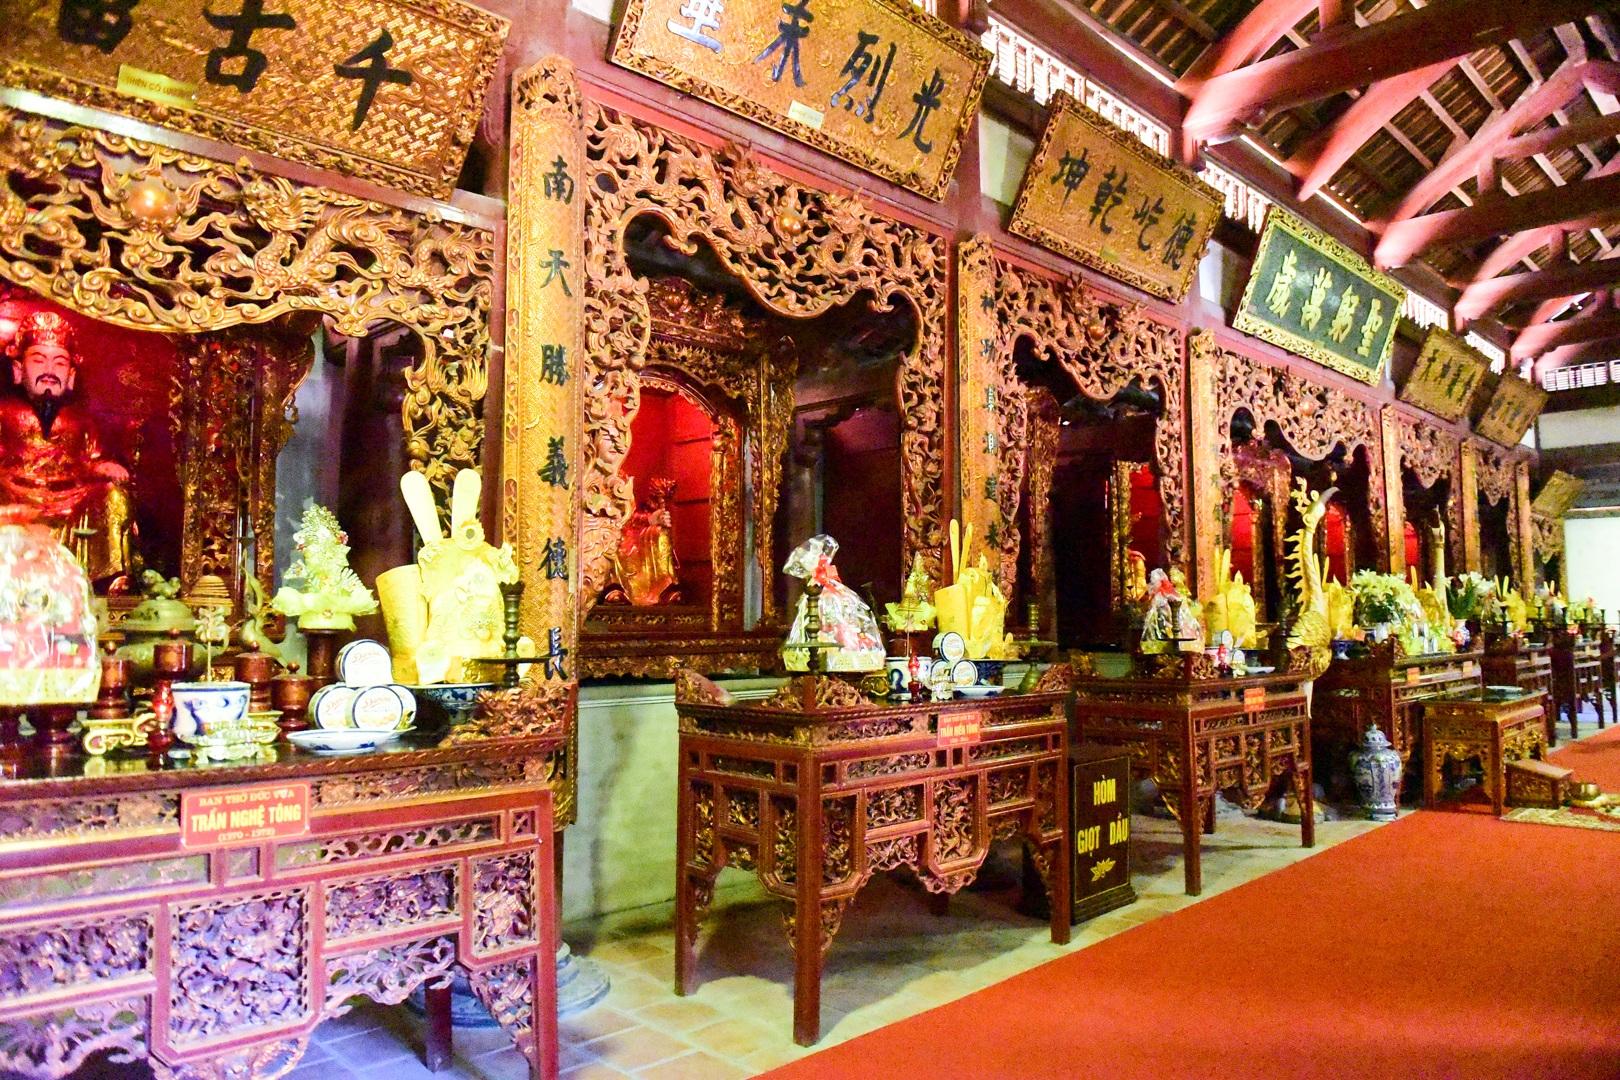 Chiêm ngưỡng ngôi đền 600 năm tuổi thờ 8 vị vua triều Trần - 8